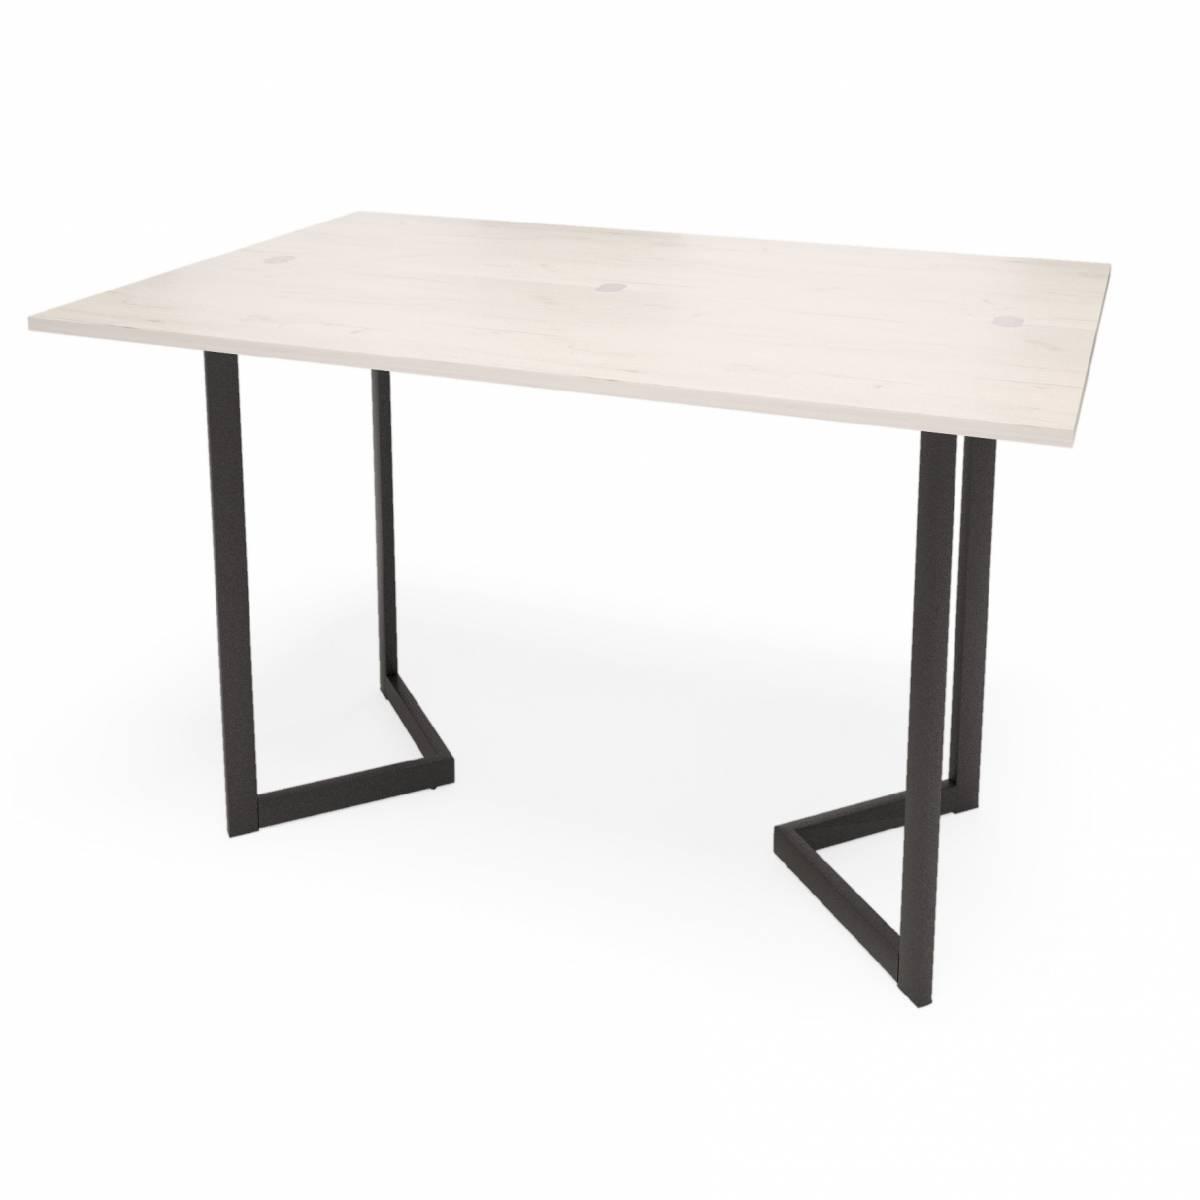 Купить стол консоль в стиле лофт Arlen  в Raroom